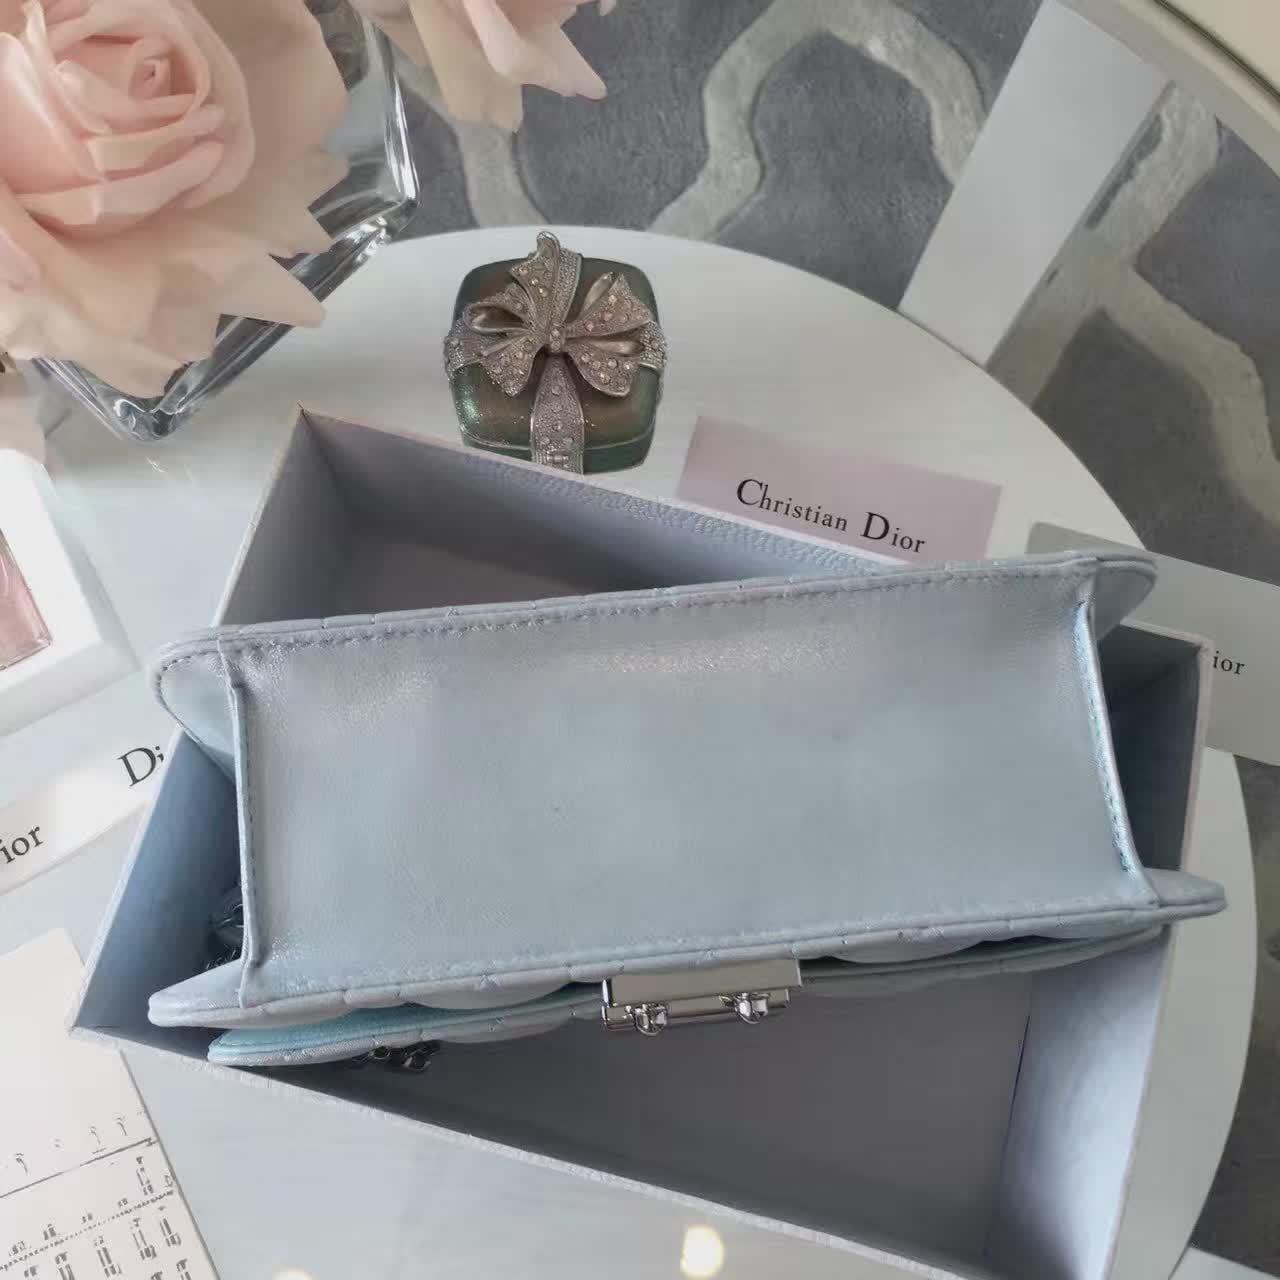 迪奥包包价格 浅蓝色原版布纹皮 Miss Dior链条女包